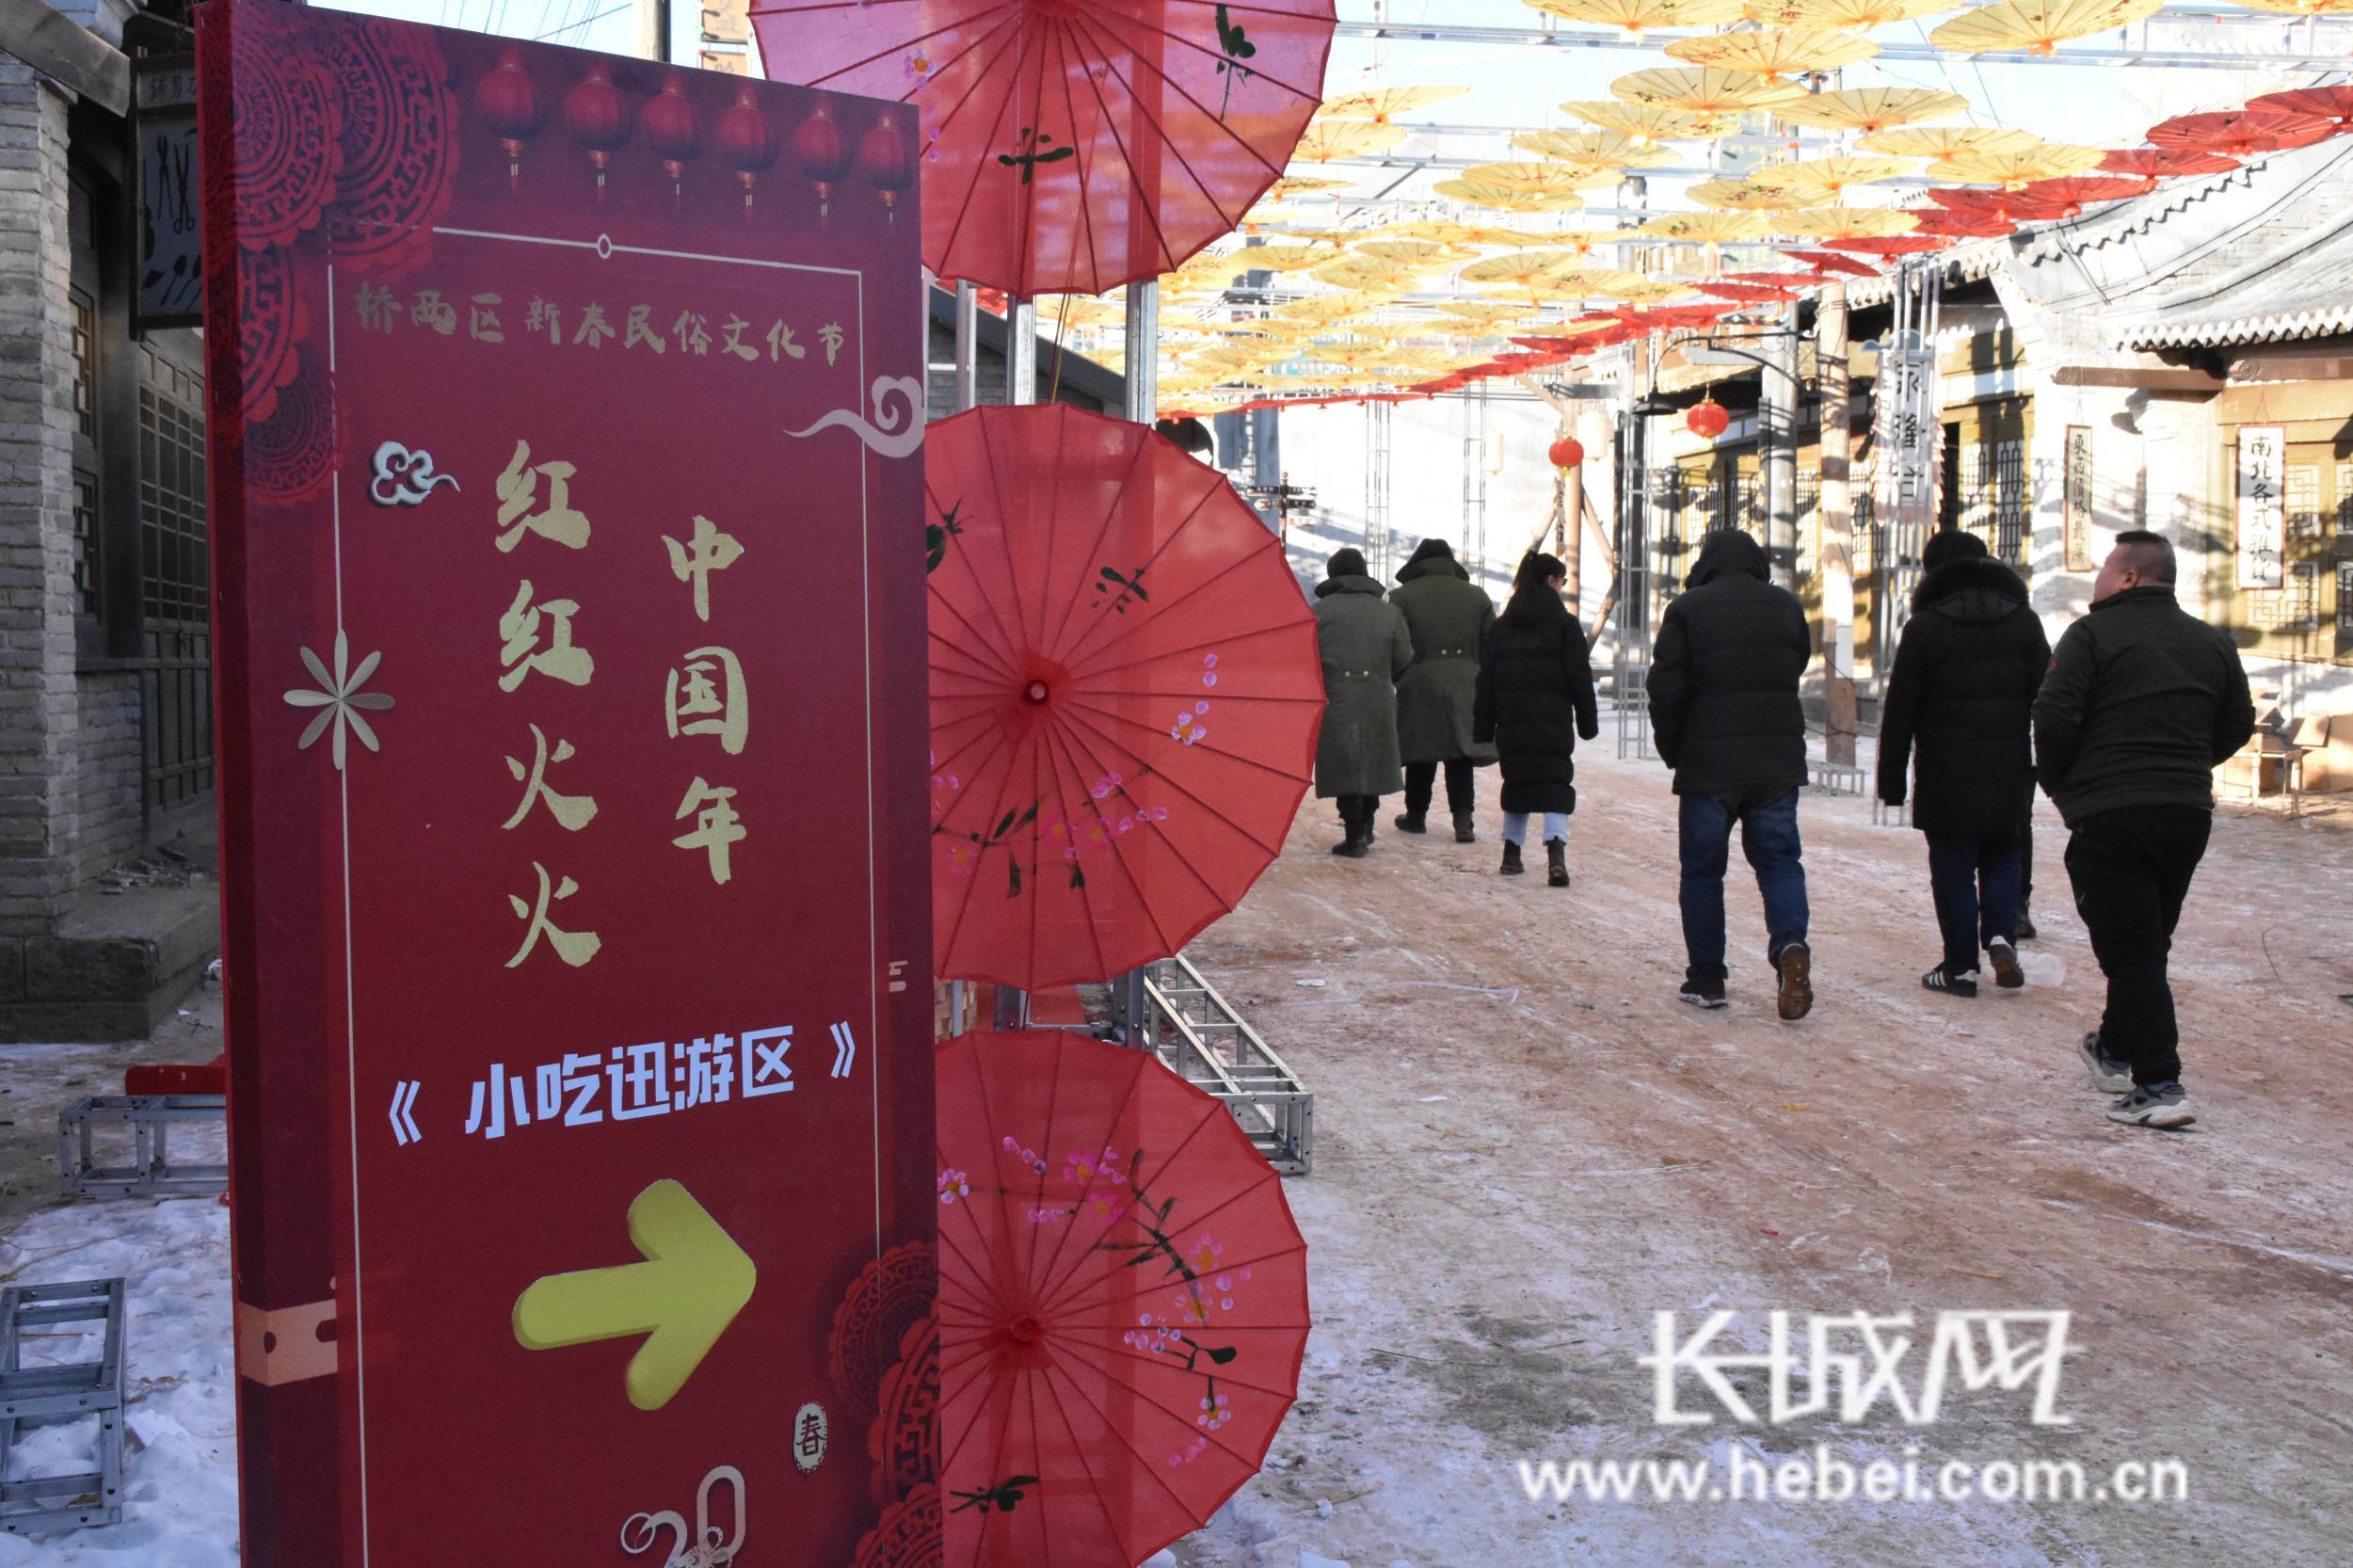 2020年张家口桥西区新春年俗文化节即将启帷